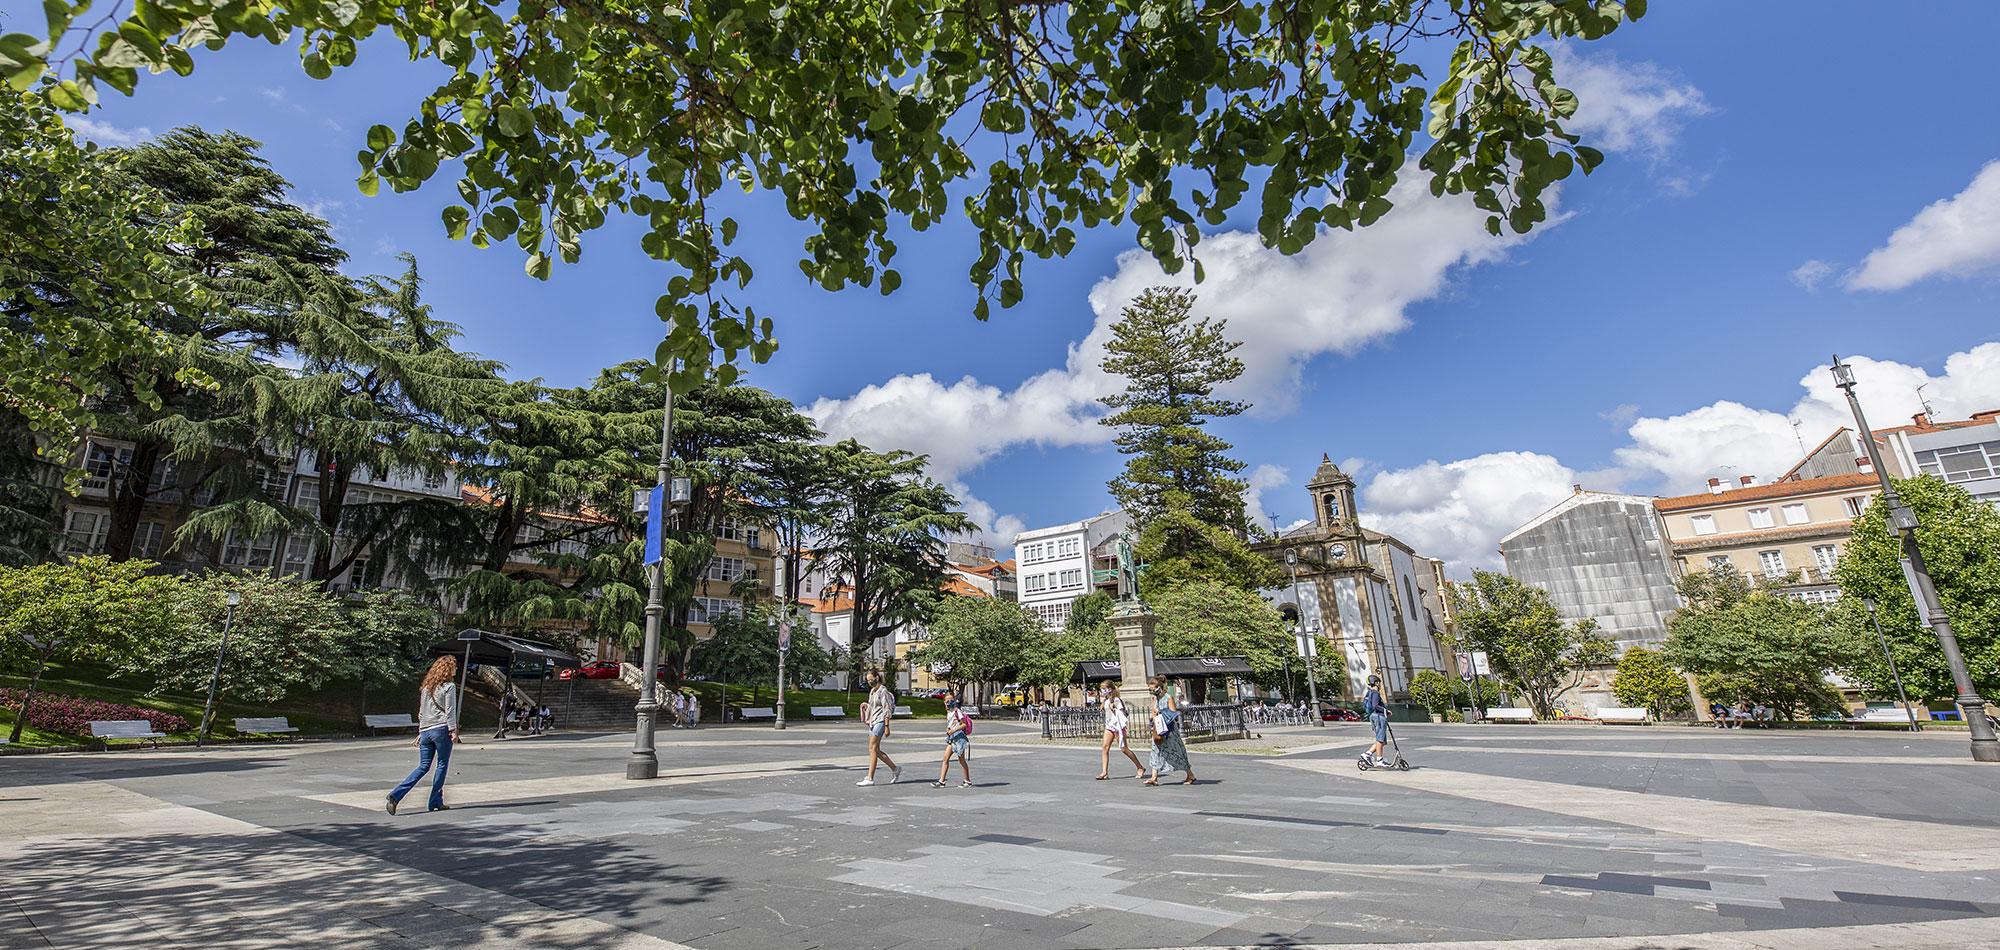 Plaza Marqués de Amboage en Ferrol